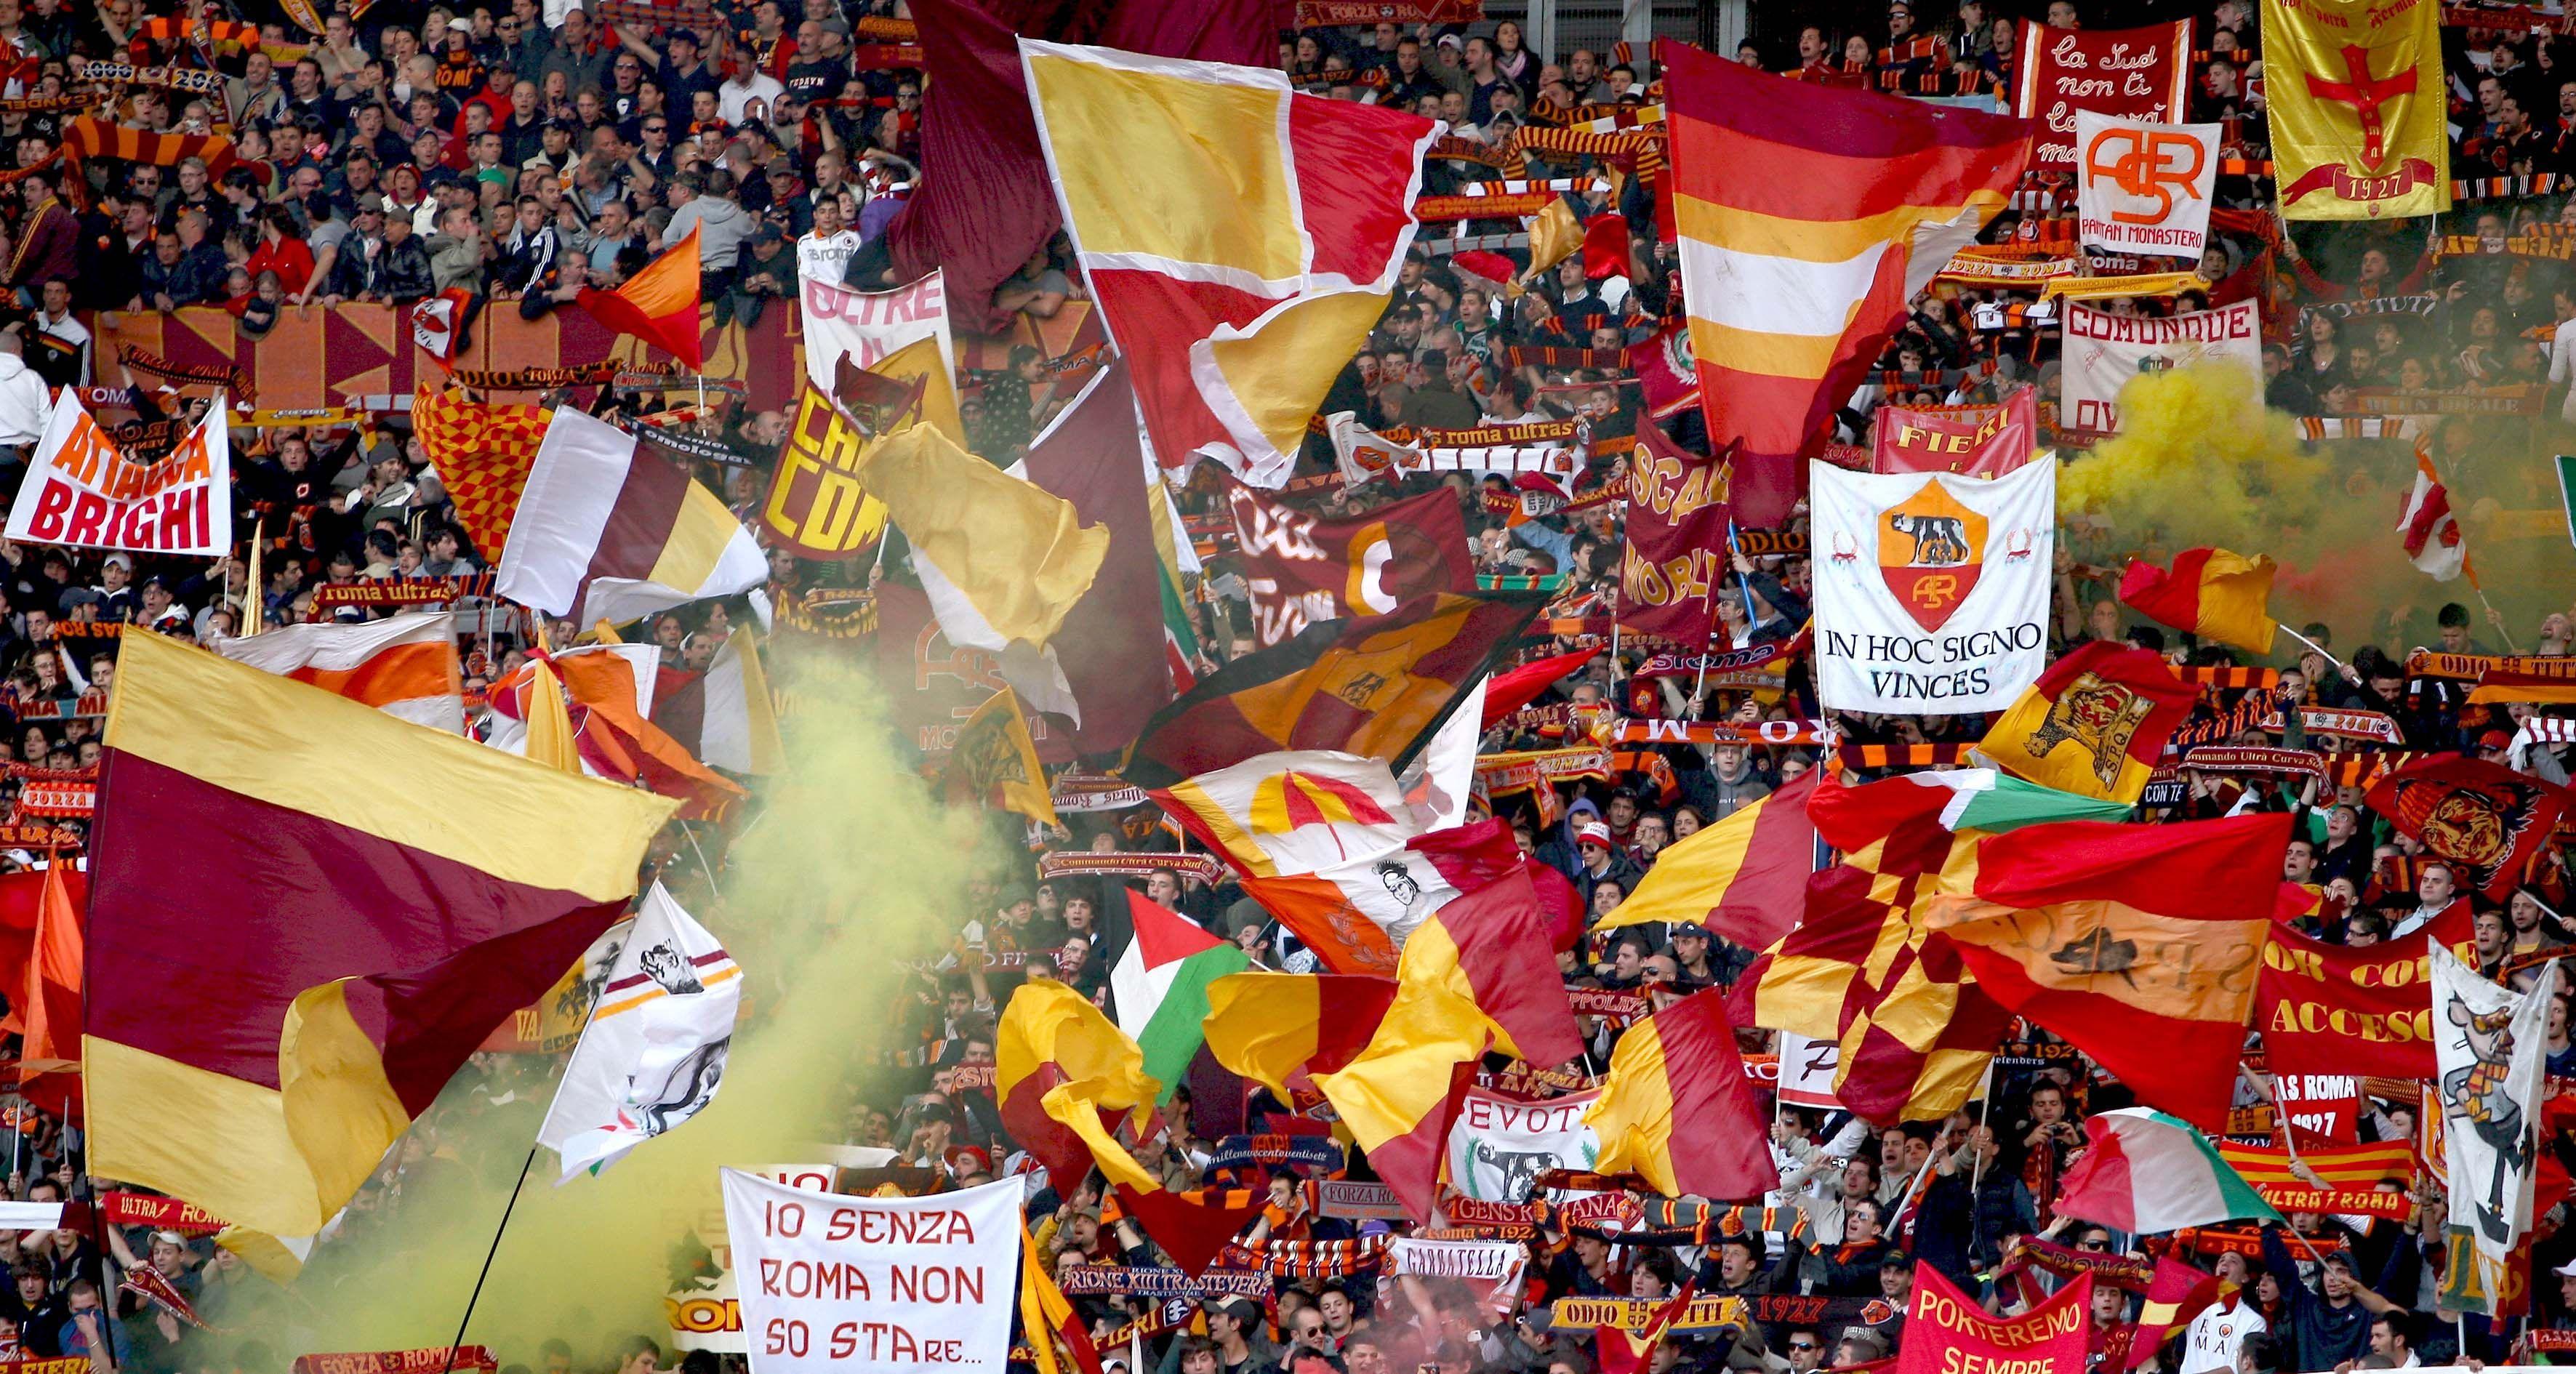 Estasi del Calcio: Going to a Football Game in Rome   Italy Travel